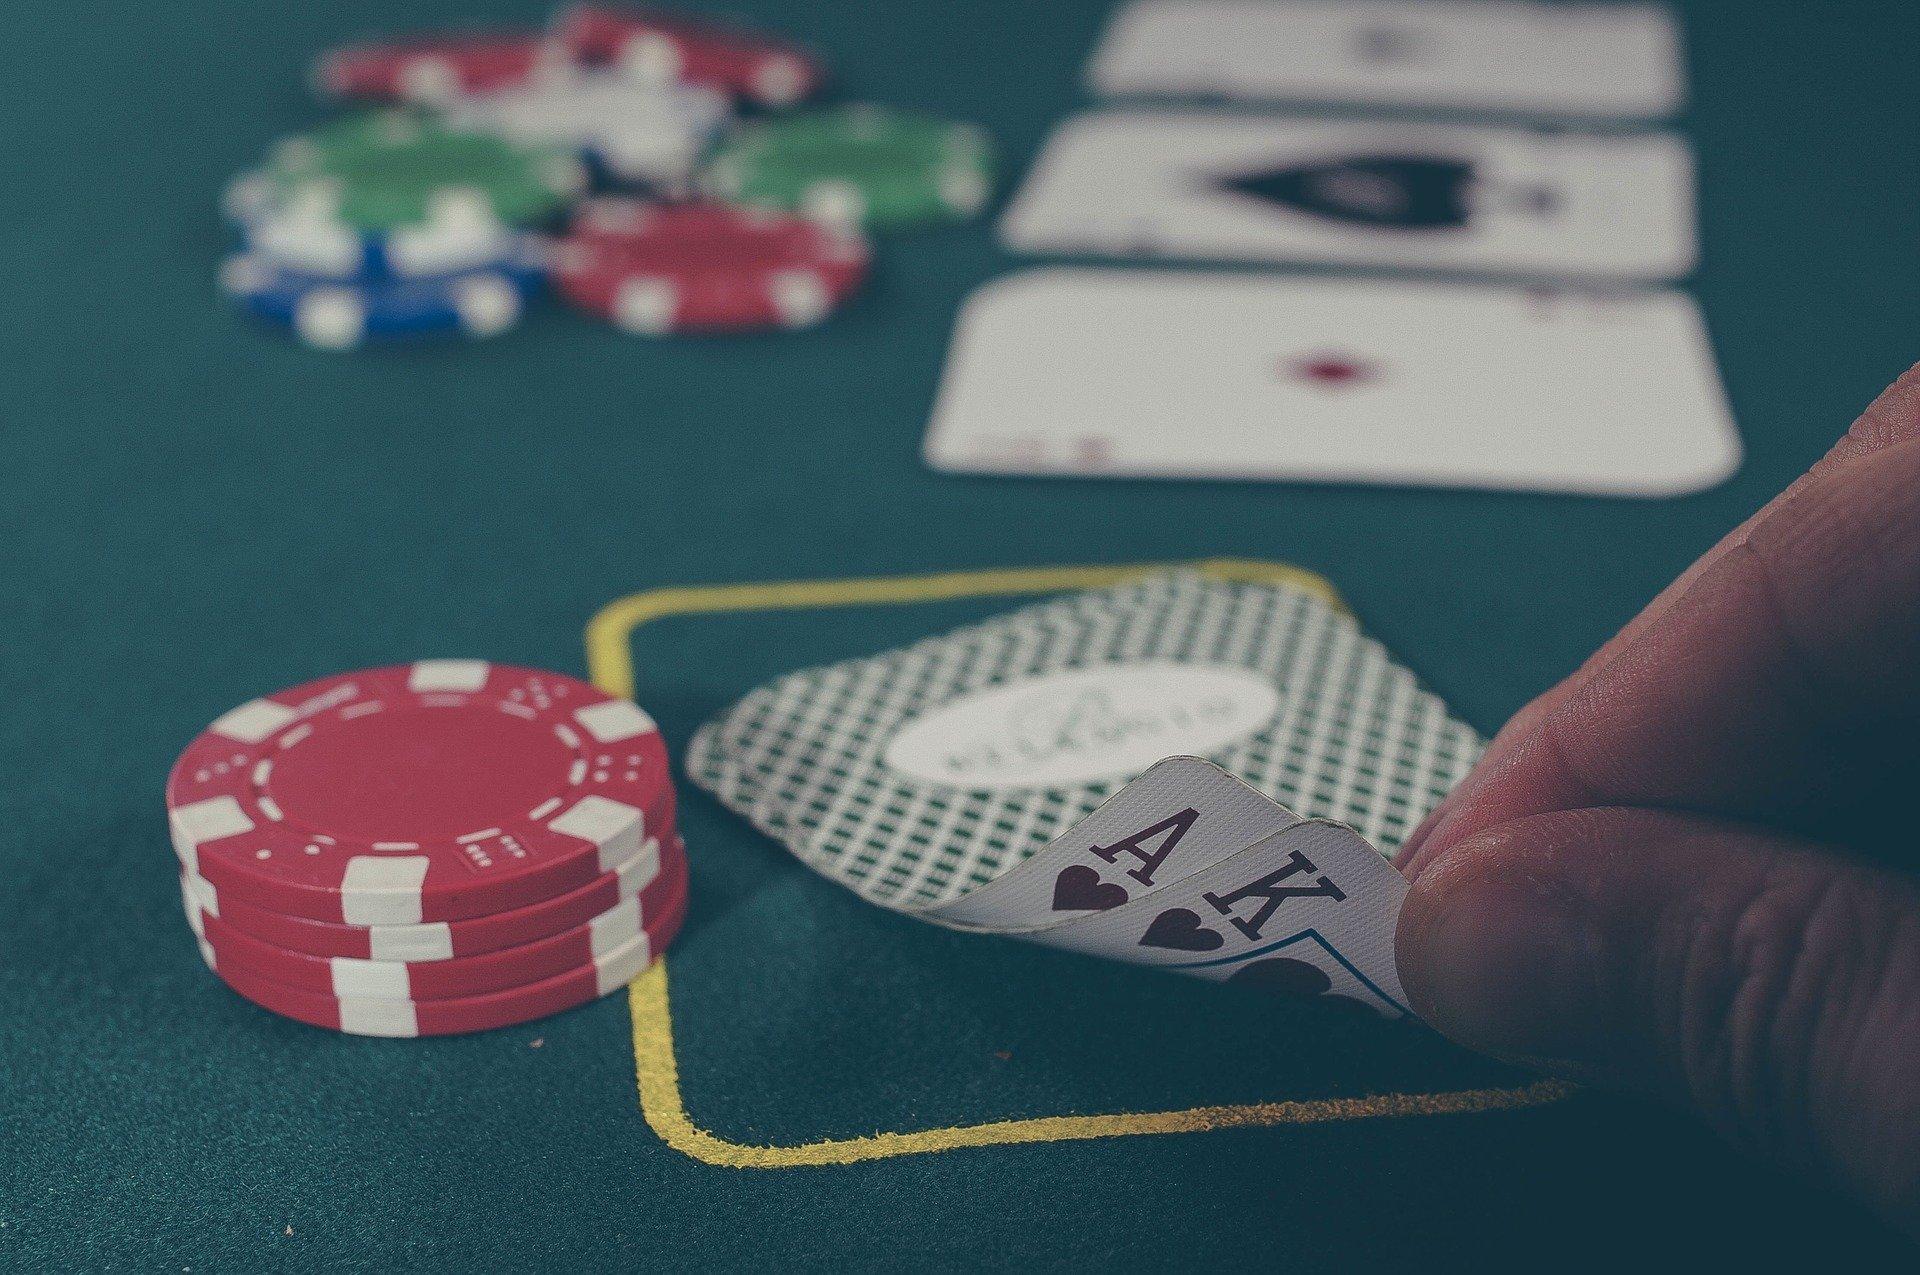 Tre råd: Sådan får du den bedste oplevelse, når du gambler